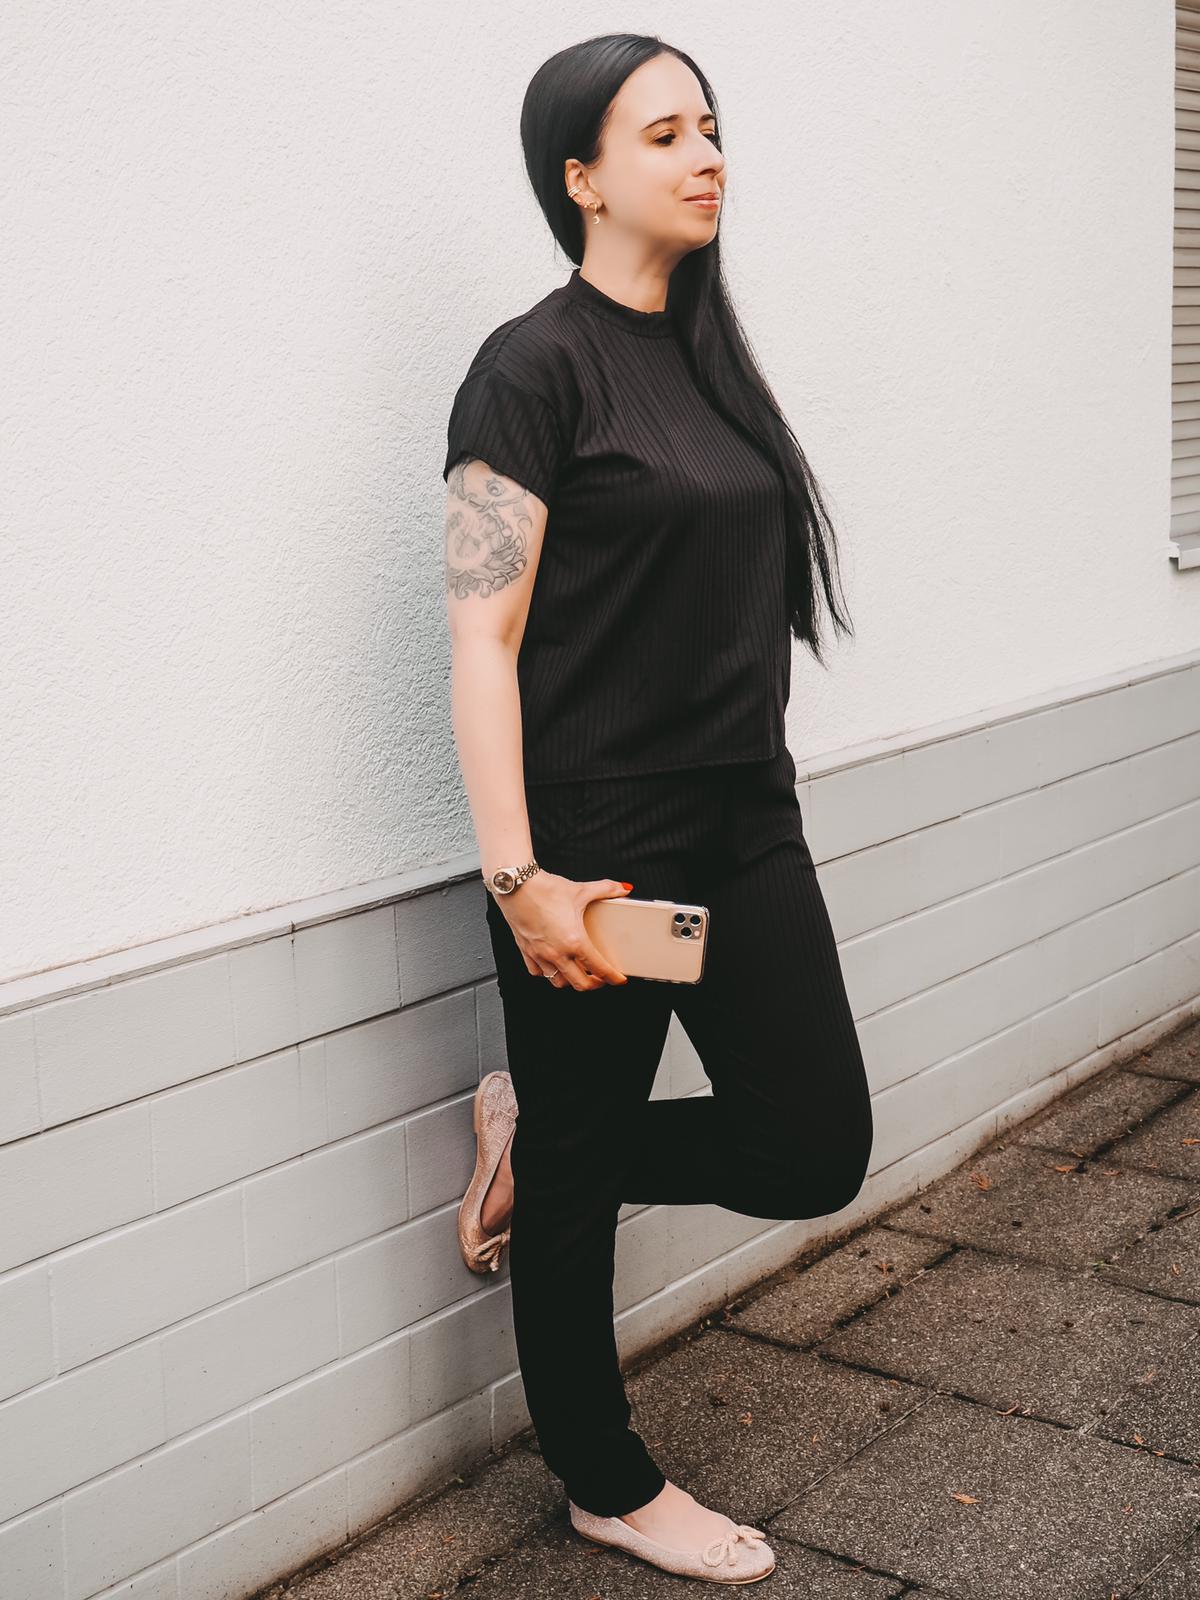 Schwarzer Jogger von Femmeluxefinery